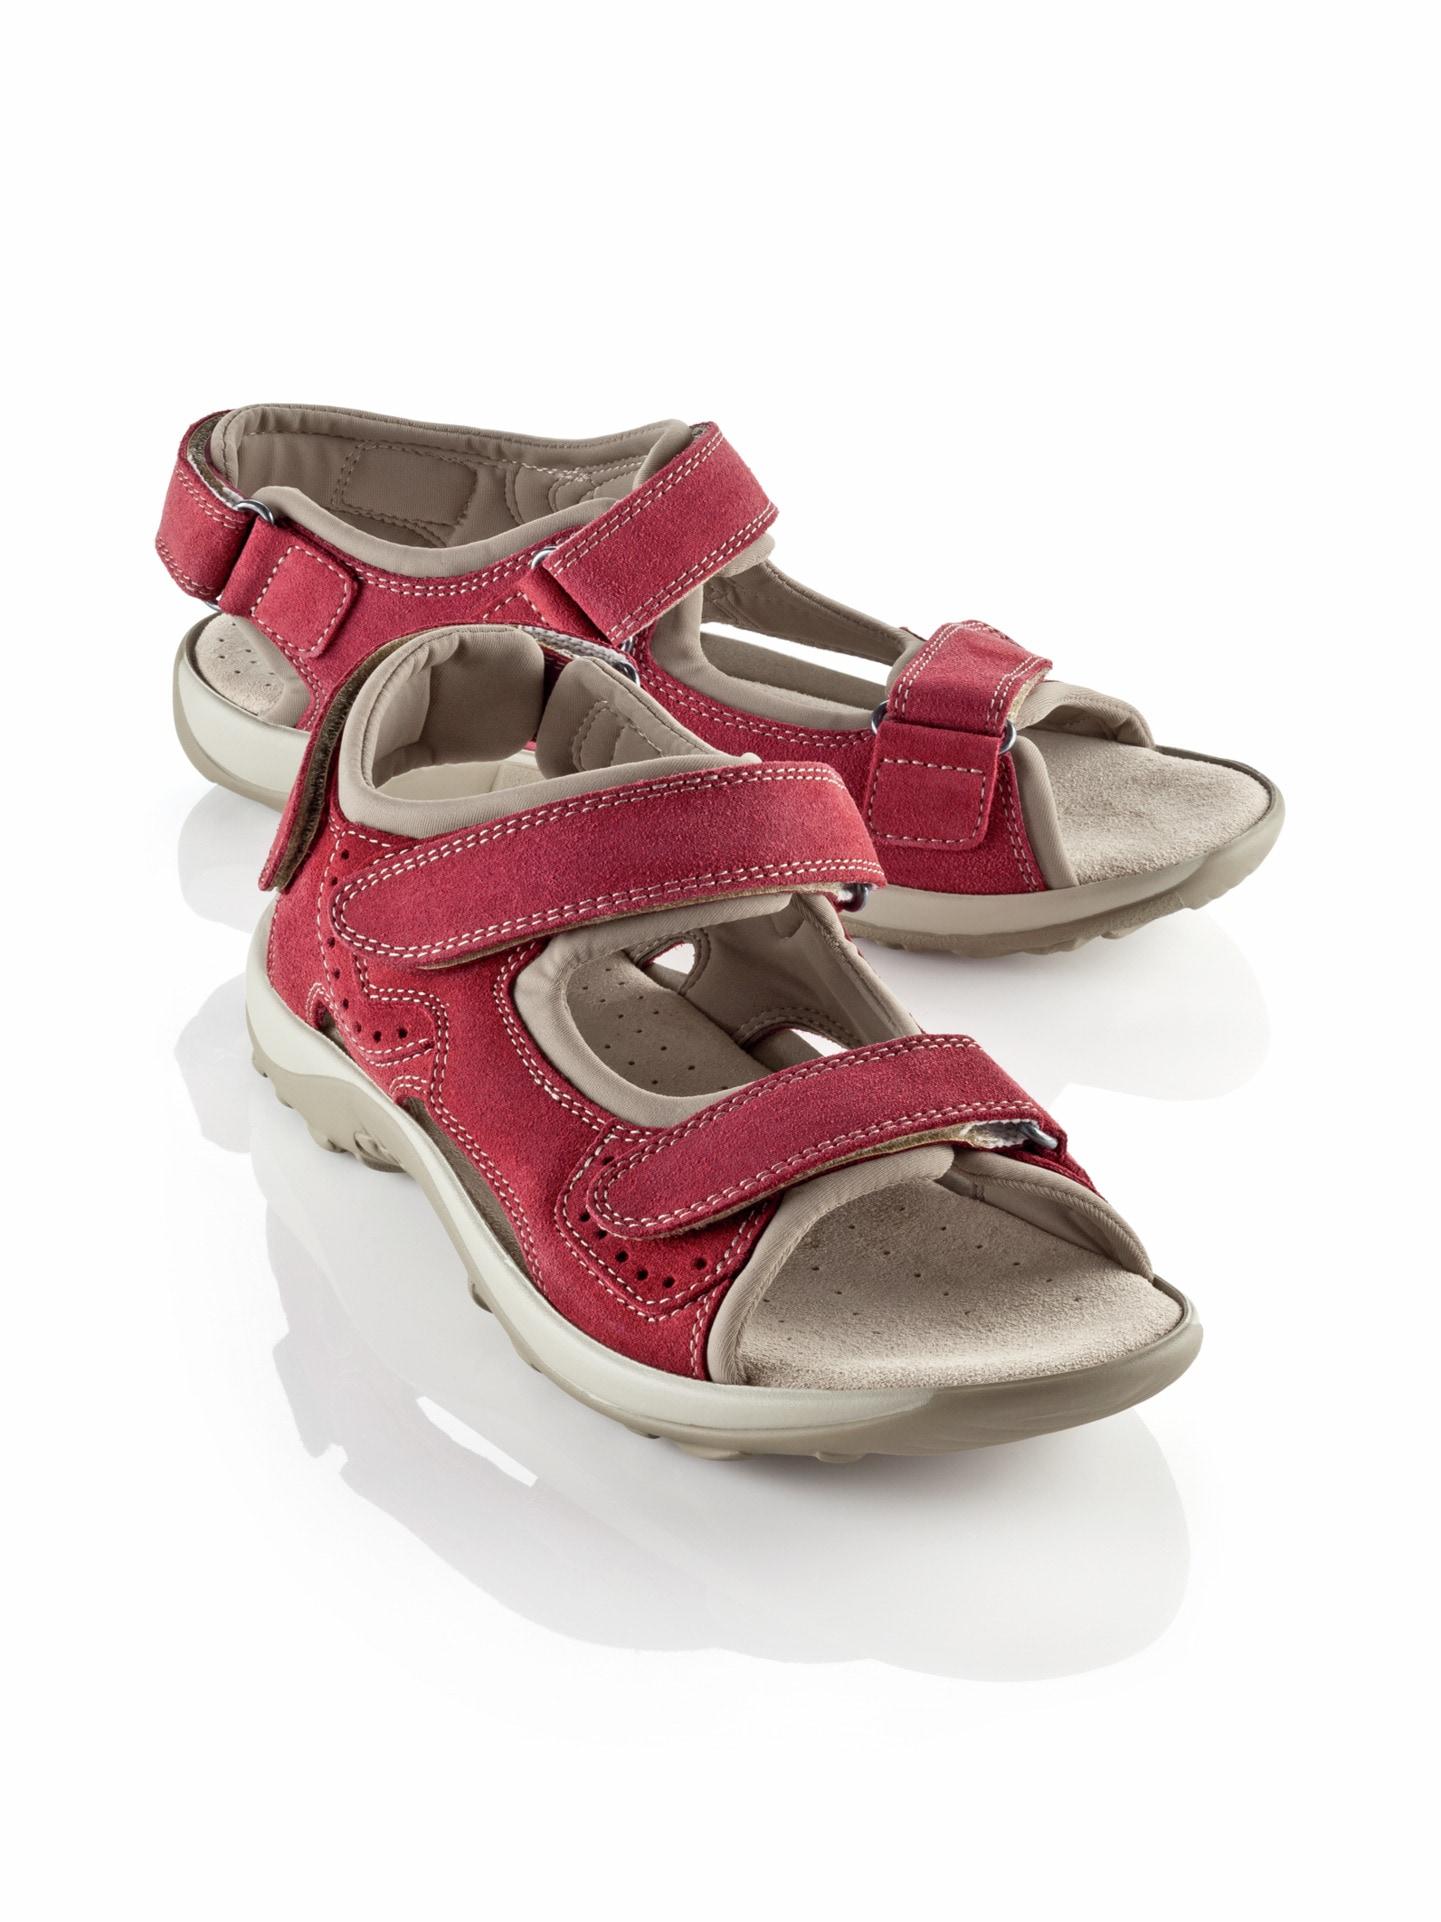 damen klepper trekking sandale im online shop bestellen. Black Bedroom Furniture Sets. Home Design Ideas